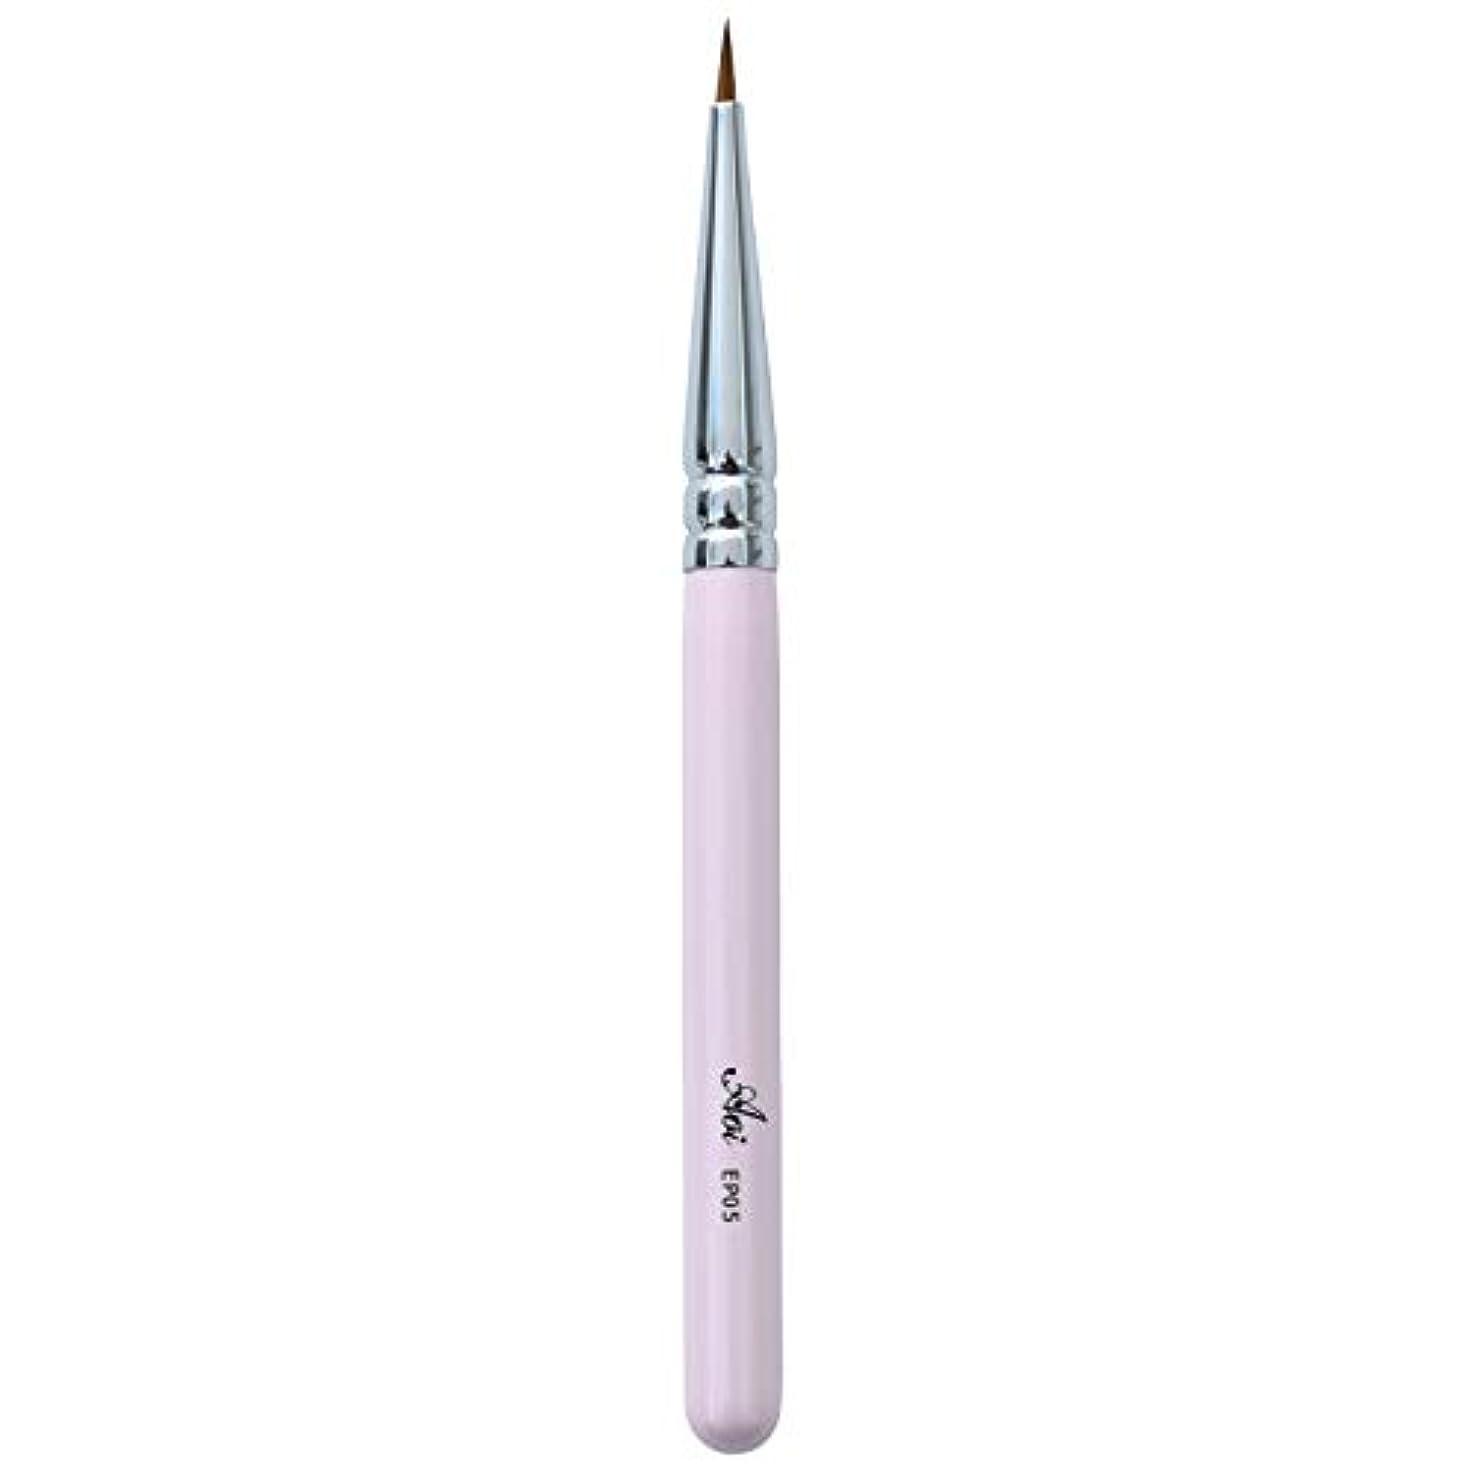 面倒雑品漏れ一休園 Aoi 熊野 化粧筆 アイライナー 丸 10.6×0.7×0.7cm